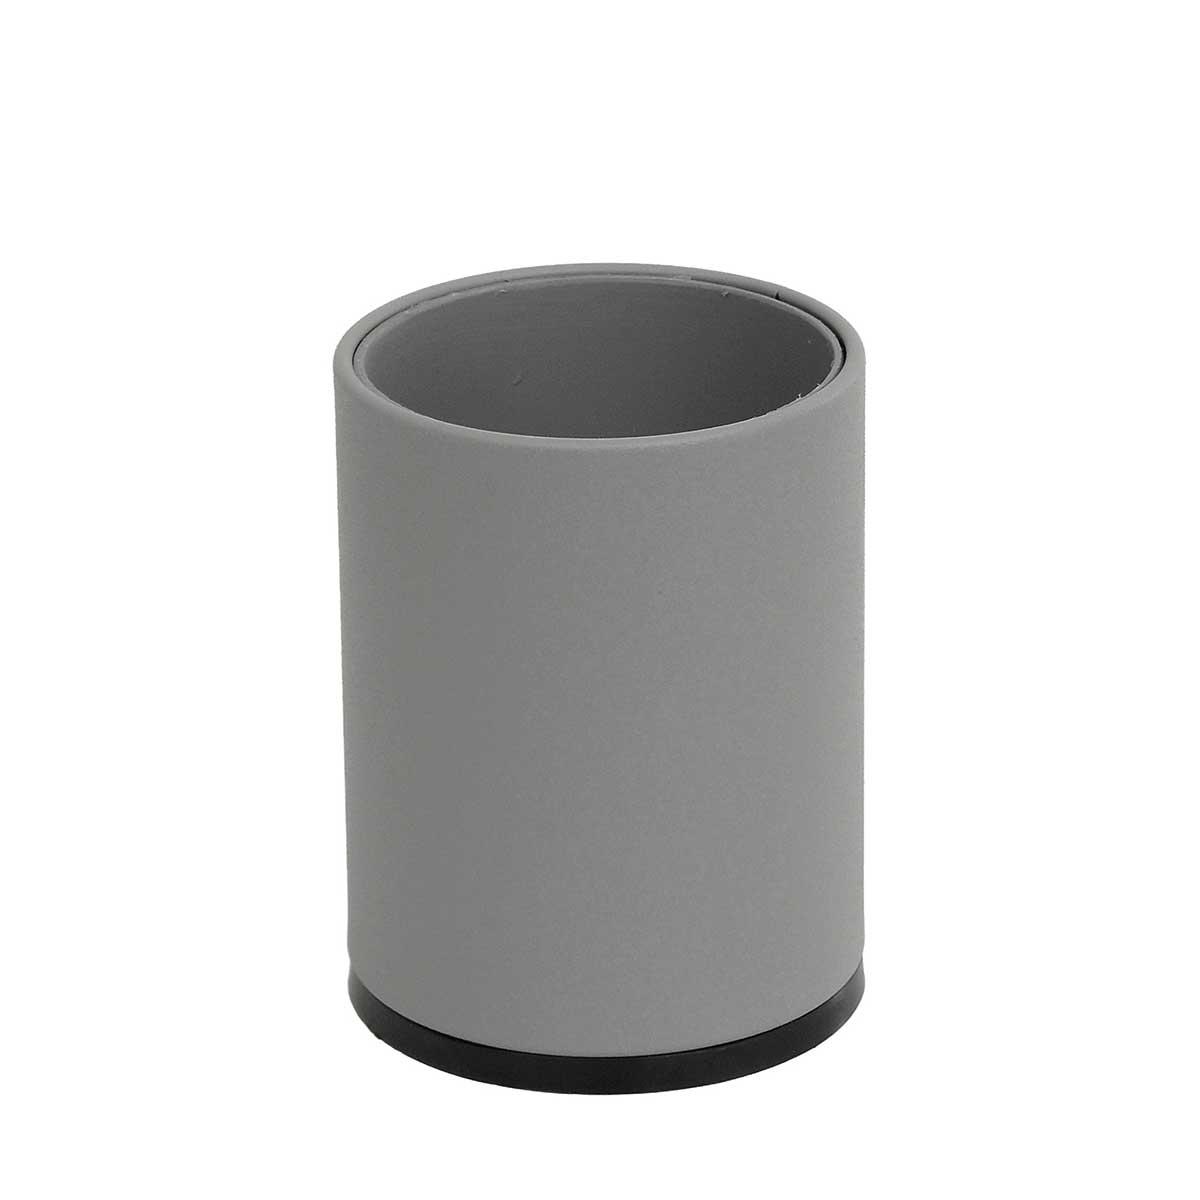 Ποτήρι Οδοντόβουρτσας PamCo 91-163 Concrete Grey Matte